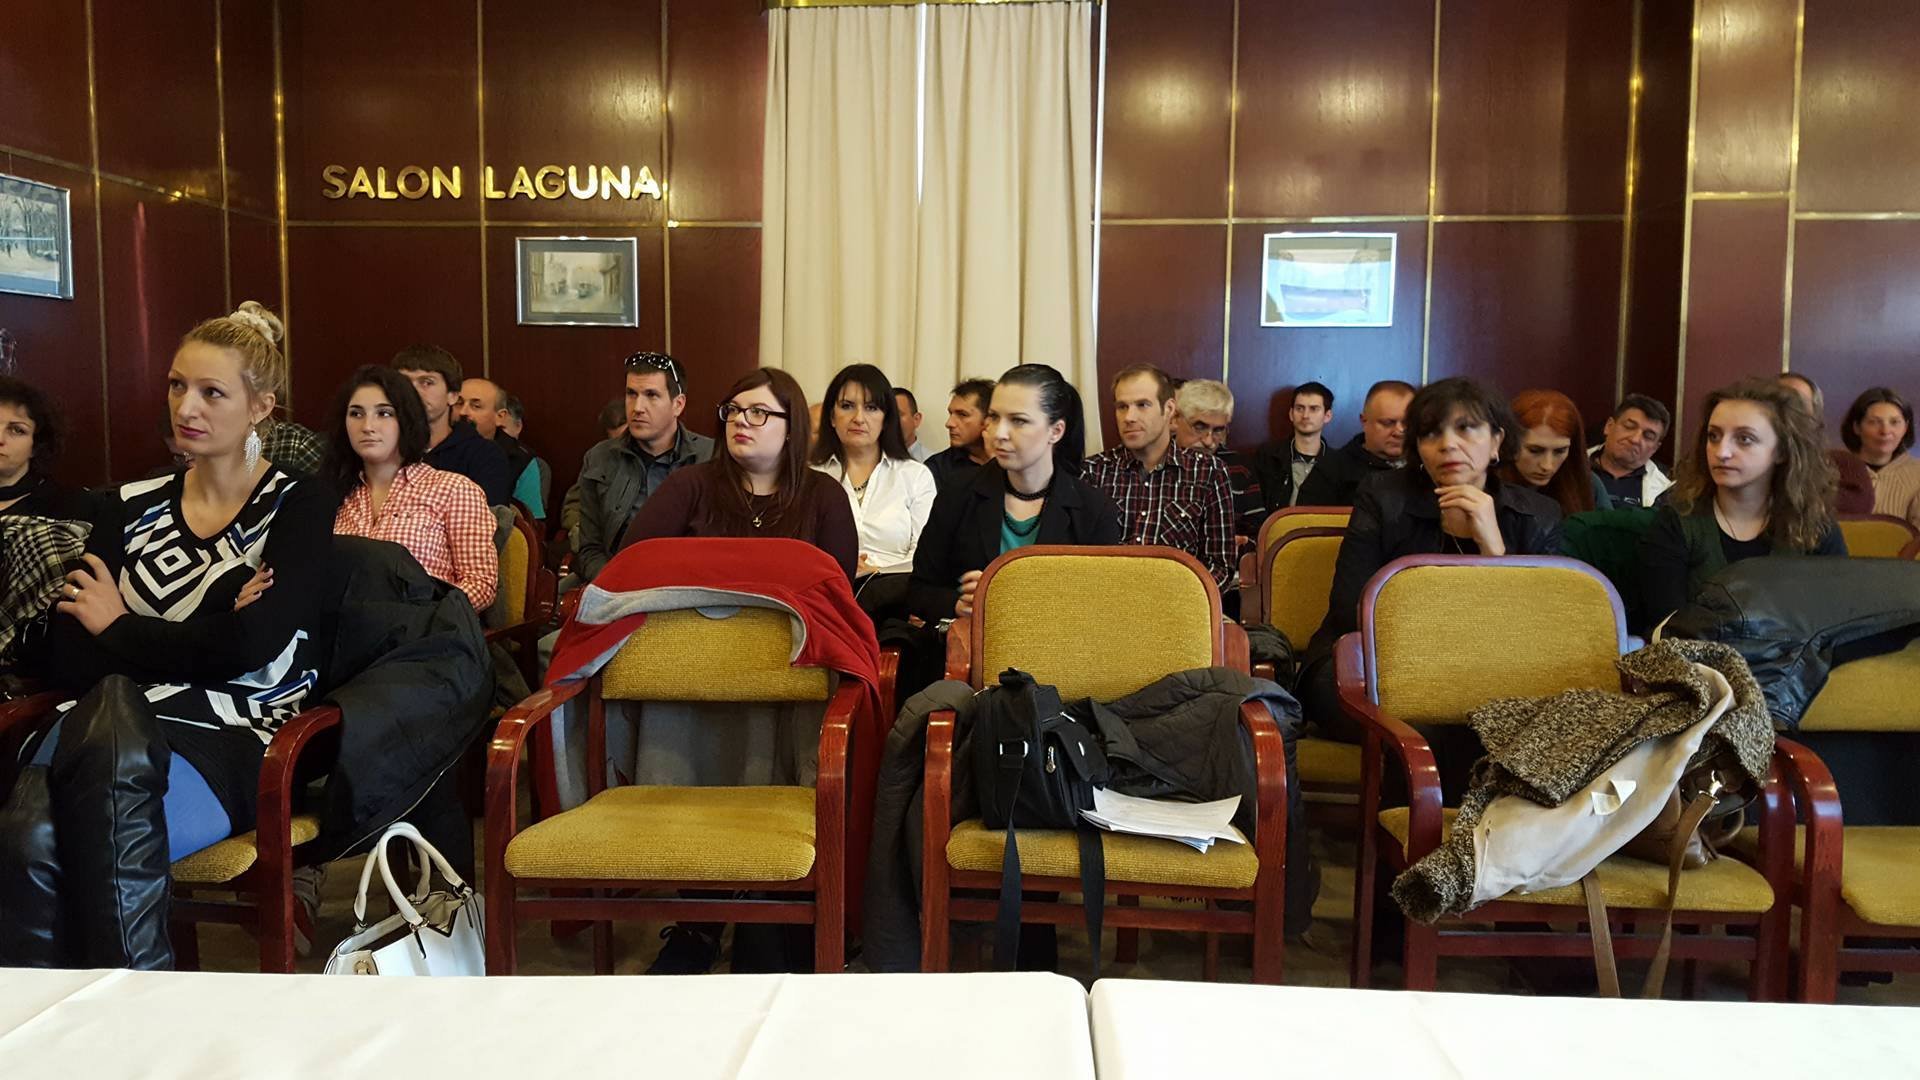 Slobodna Hrvatska - skupština u hotelu Laguna